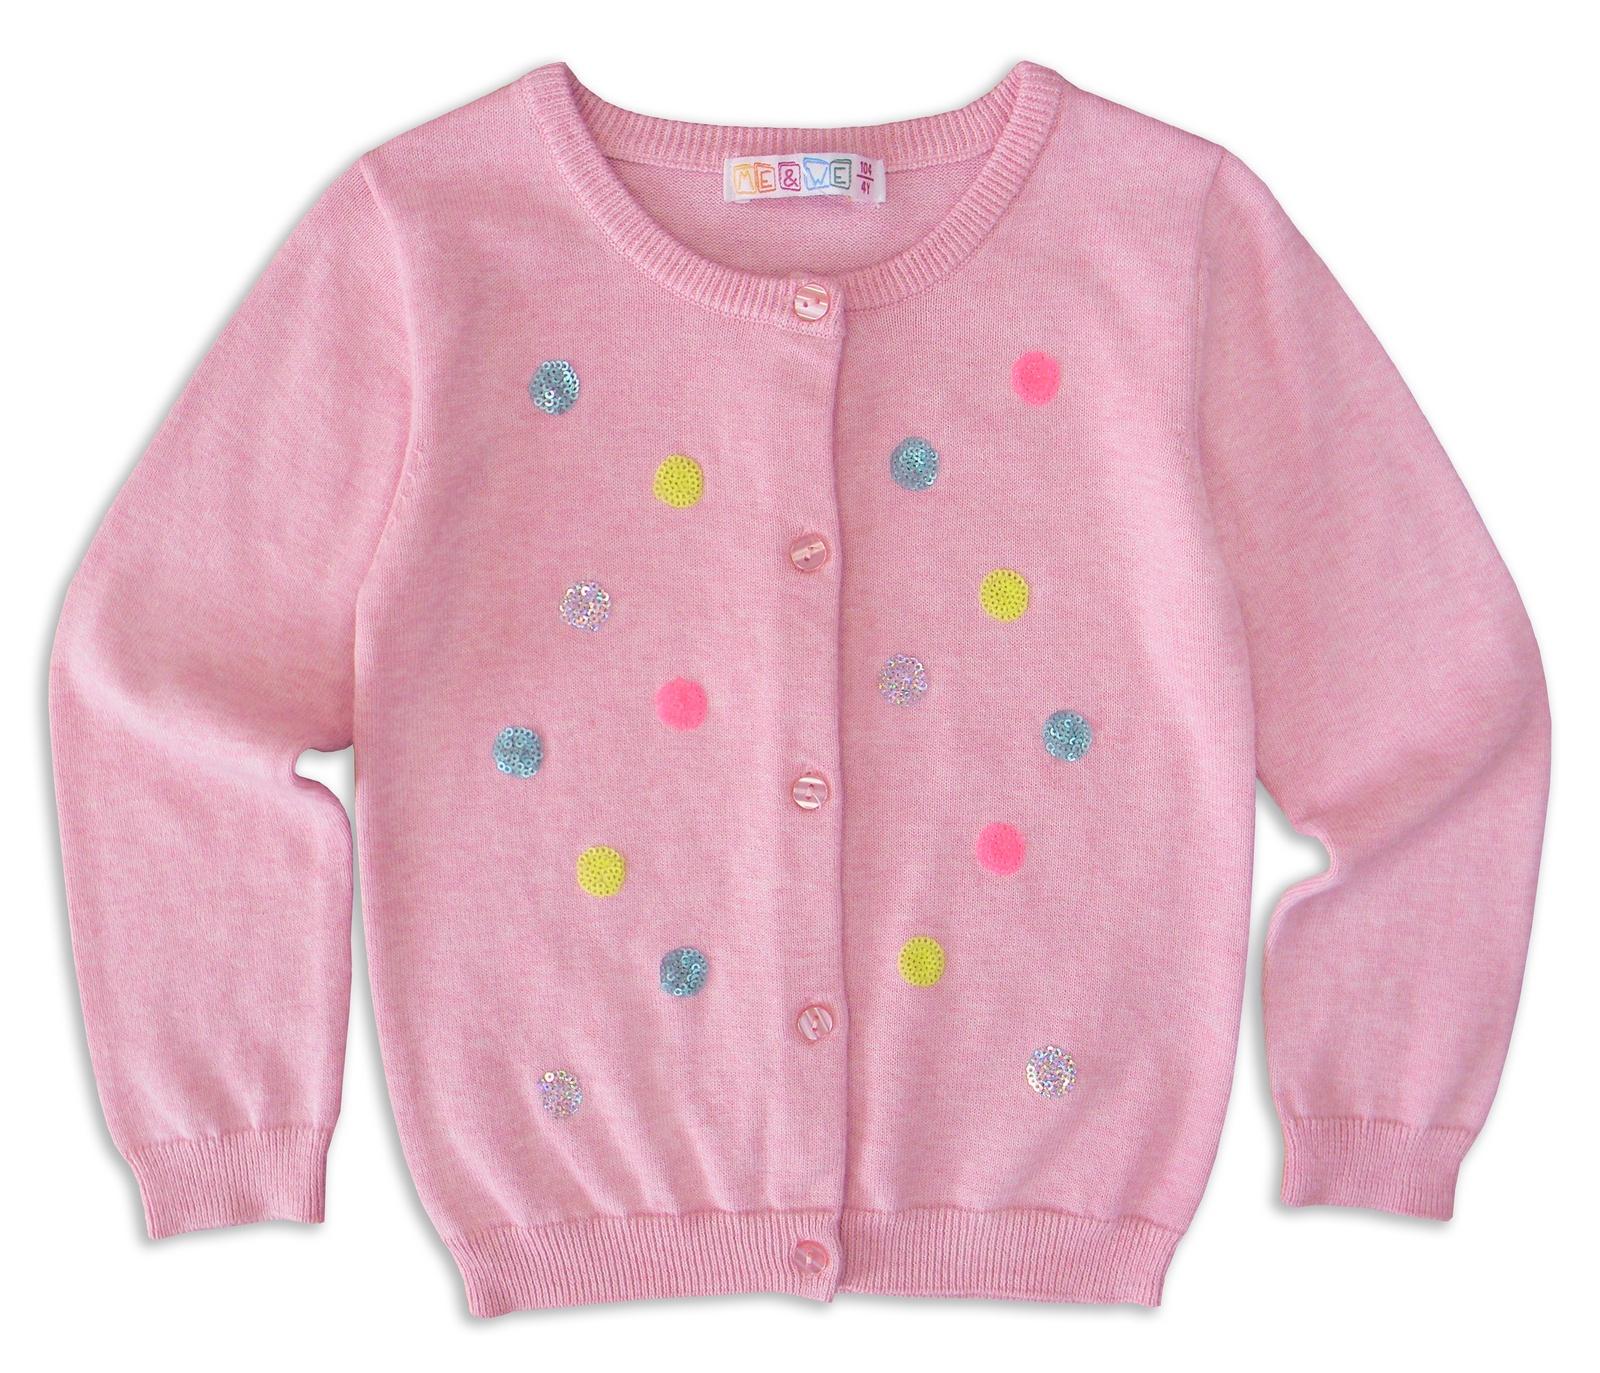 Кофта Me&We кофта для девочки котмаркот весенее вдохновение цвет розовый 7197 размер 62